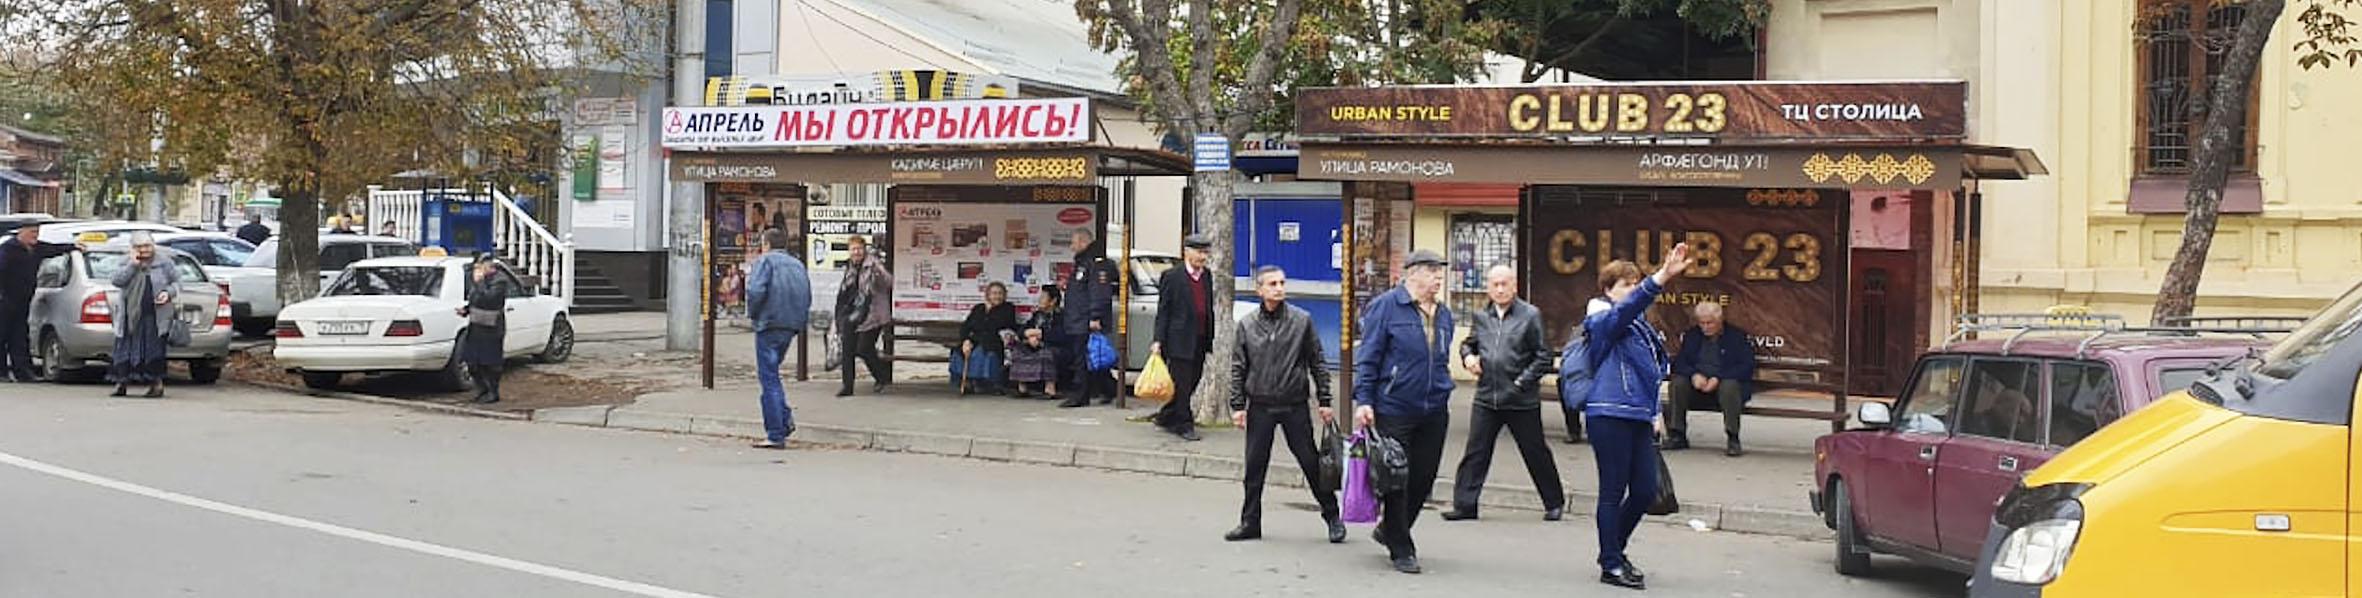 Реклама на остановках в Владикавказе размещение